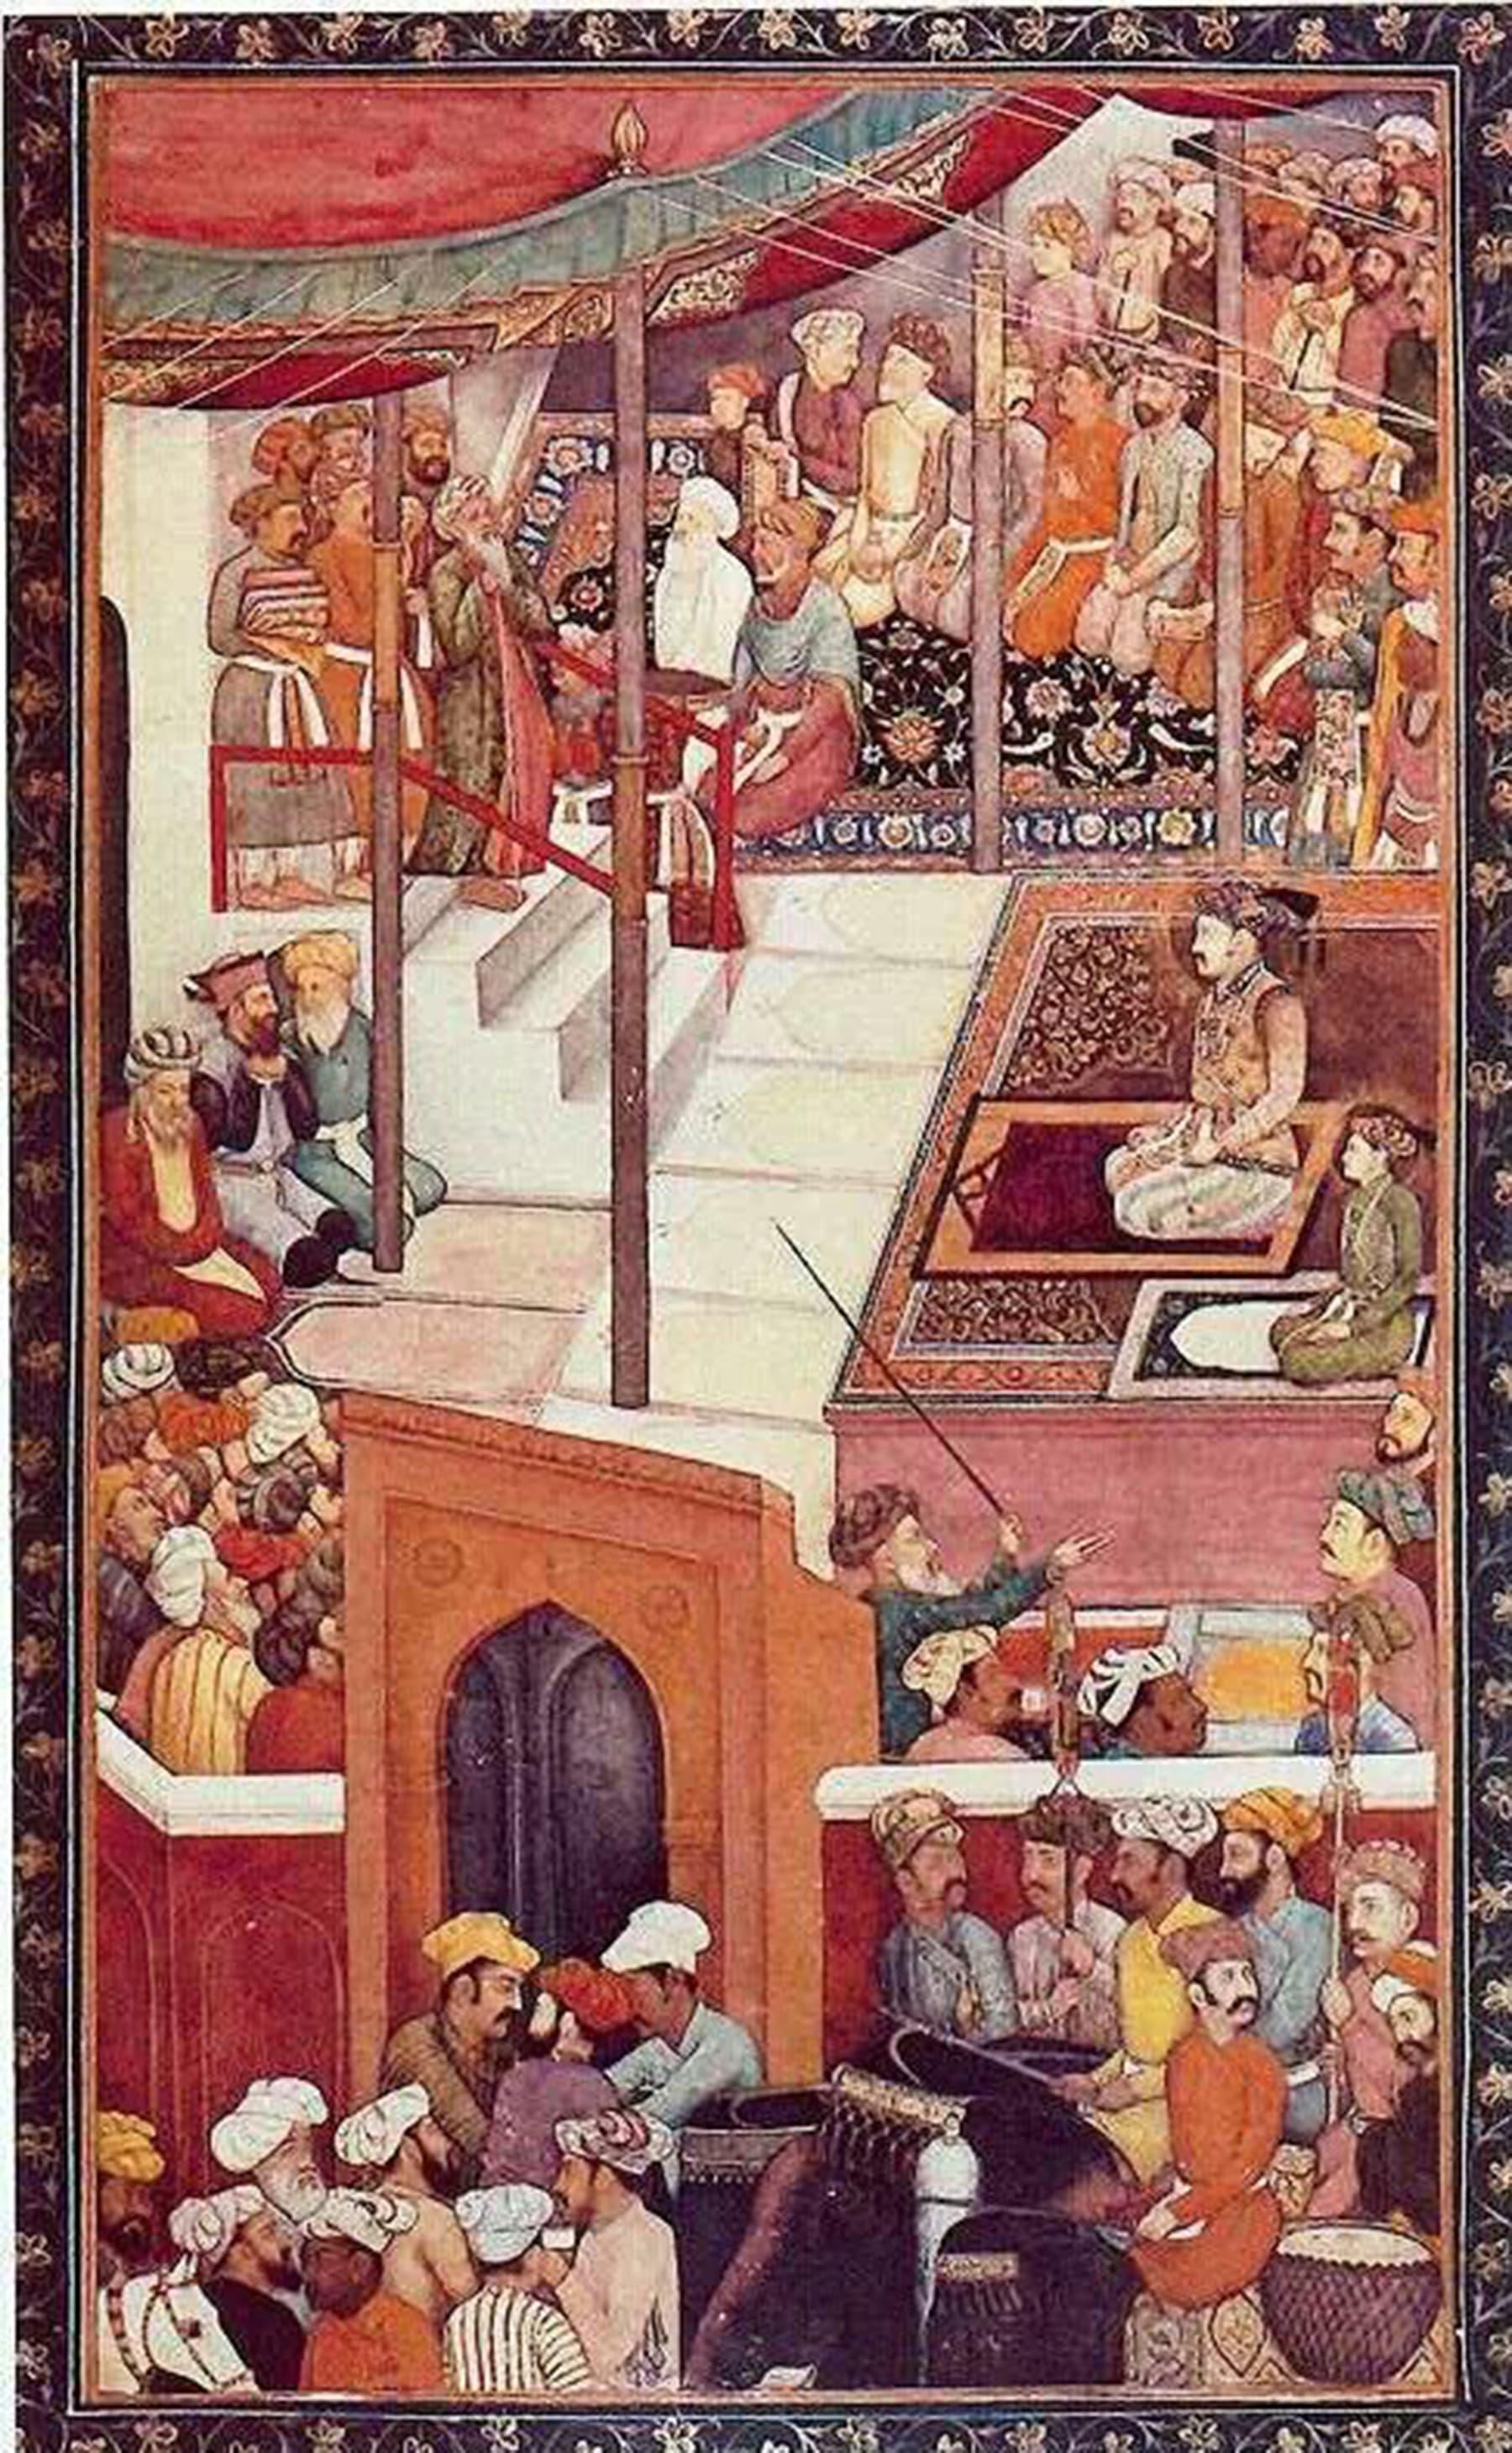 1610ء میں نمازِ عید کے موقعے پر مغل شہنشاہ جہانگیر